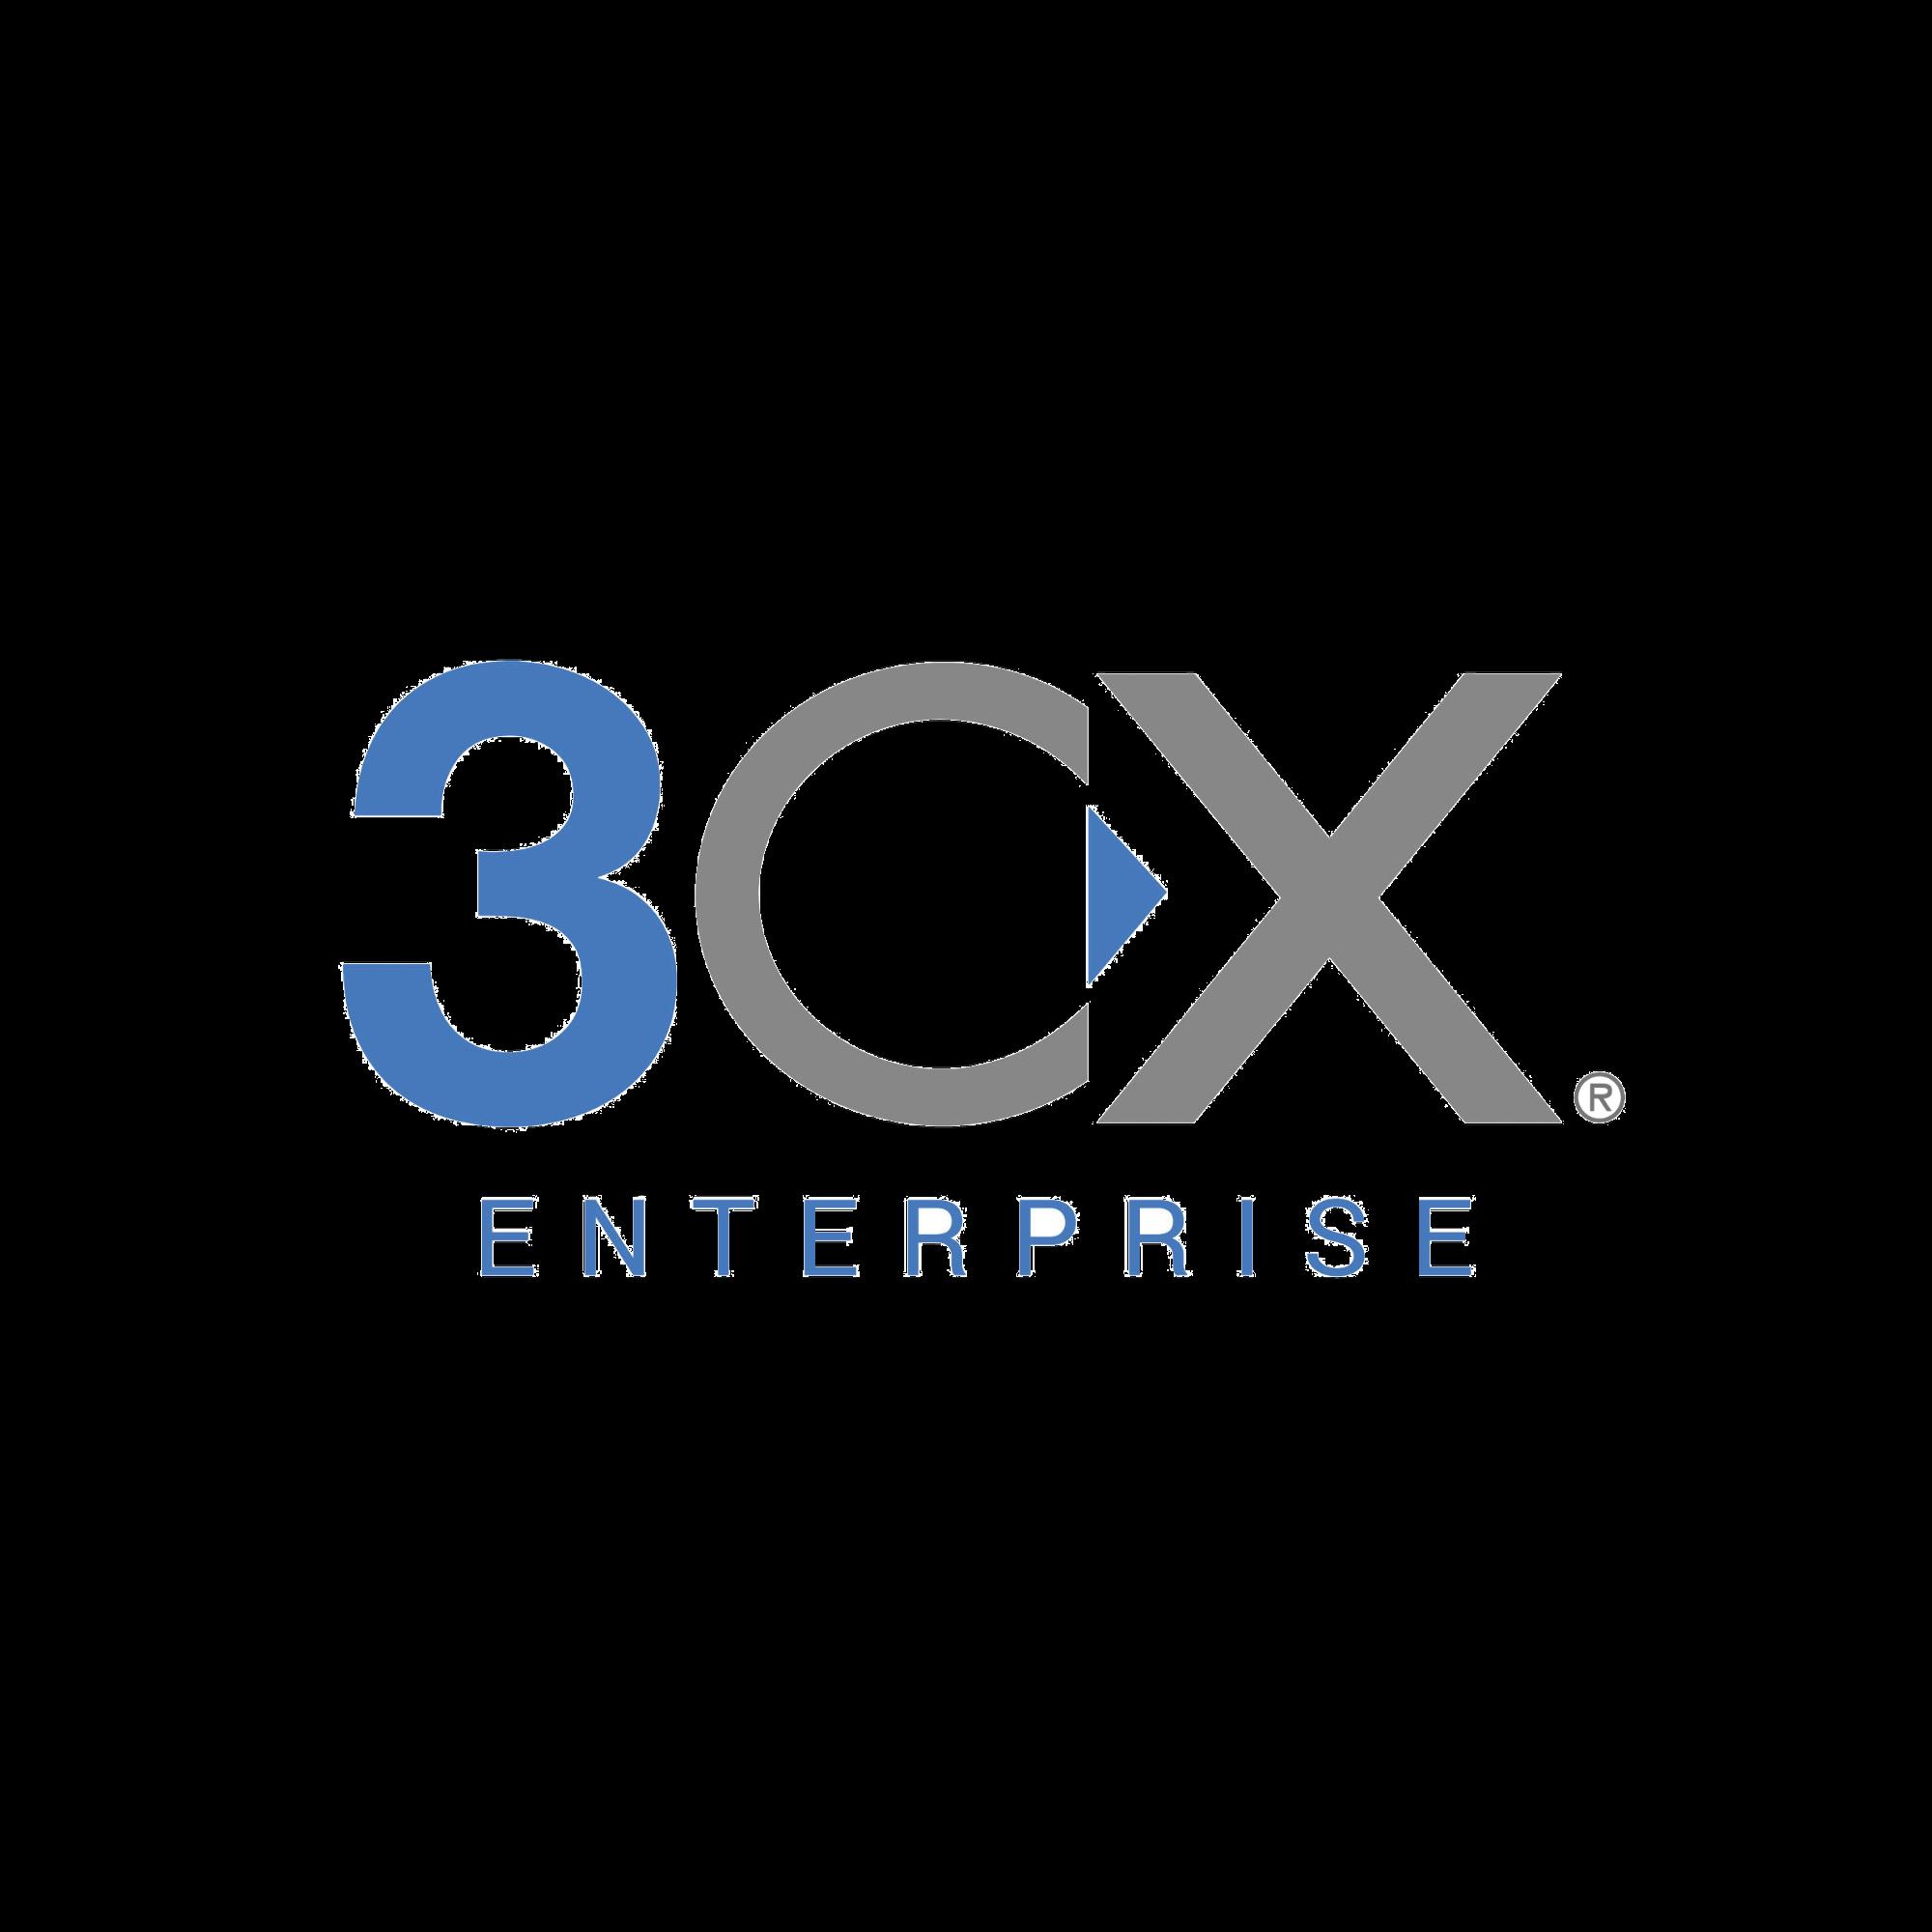 Licencia anual de 3CX Enterprise para 1024 llamadas simultáneas y extensiones ilimitadas